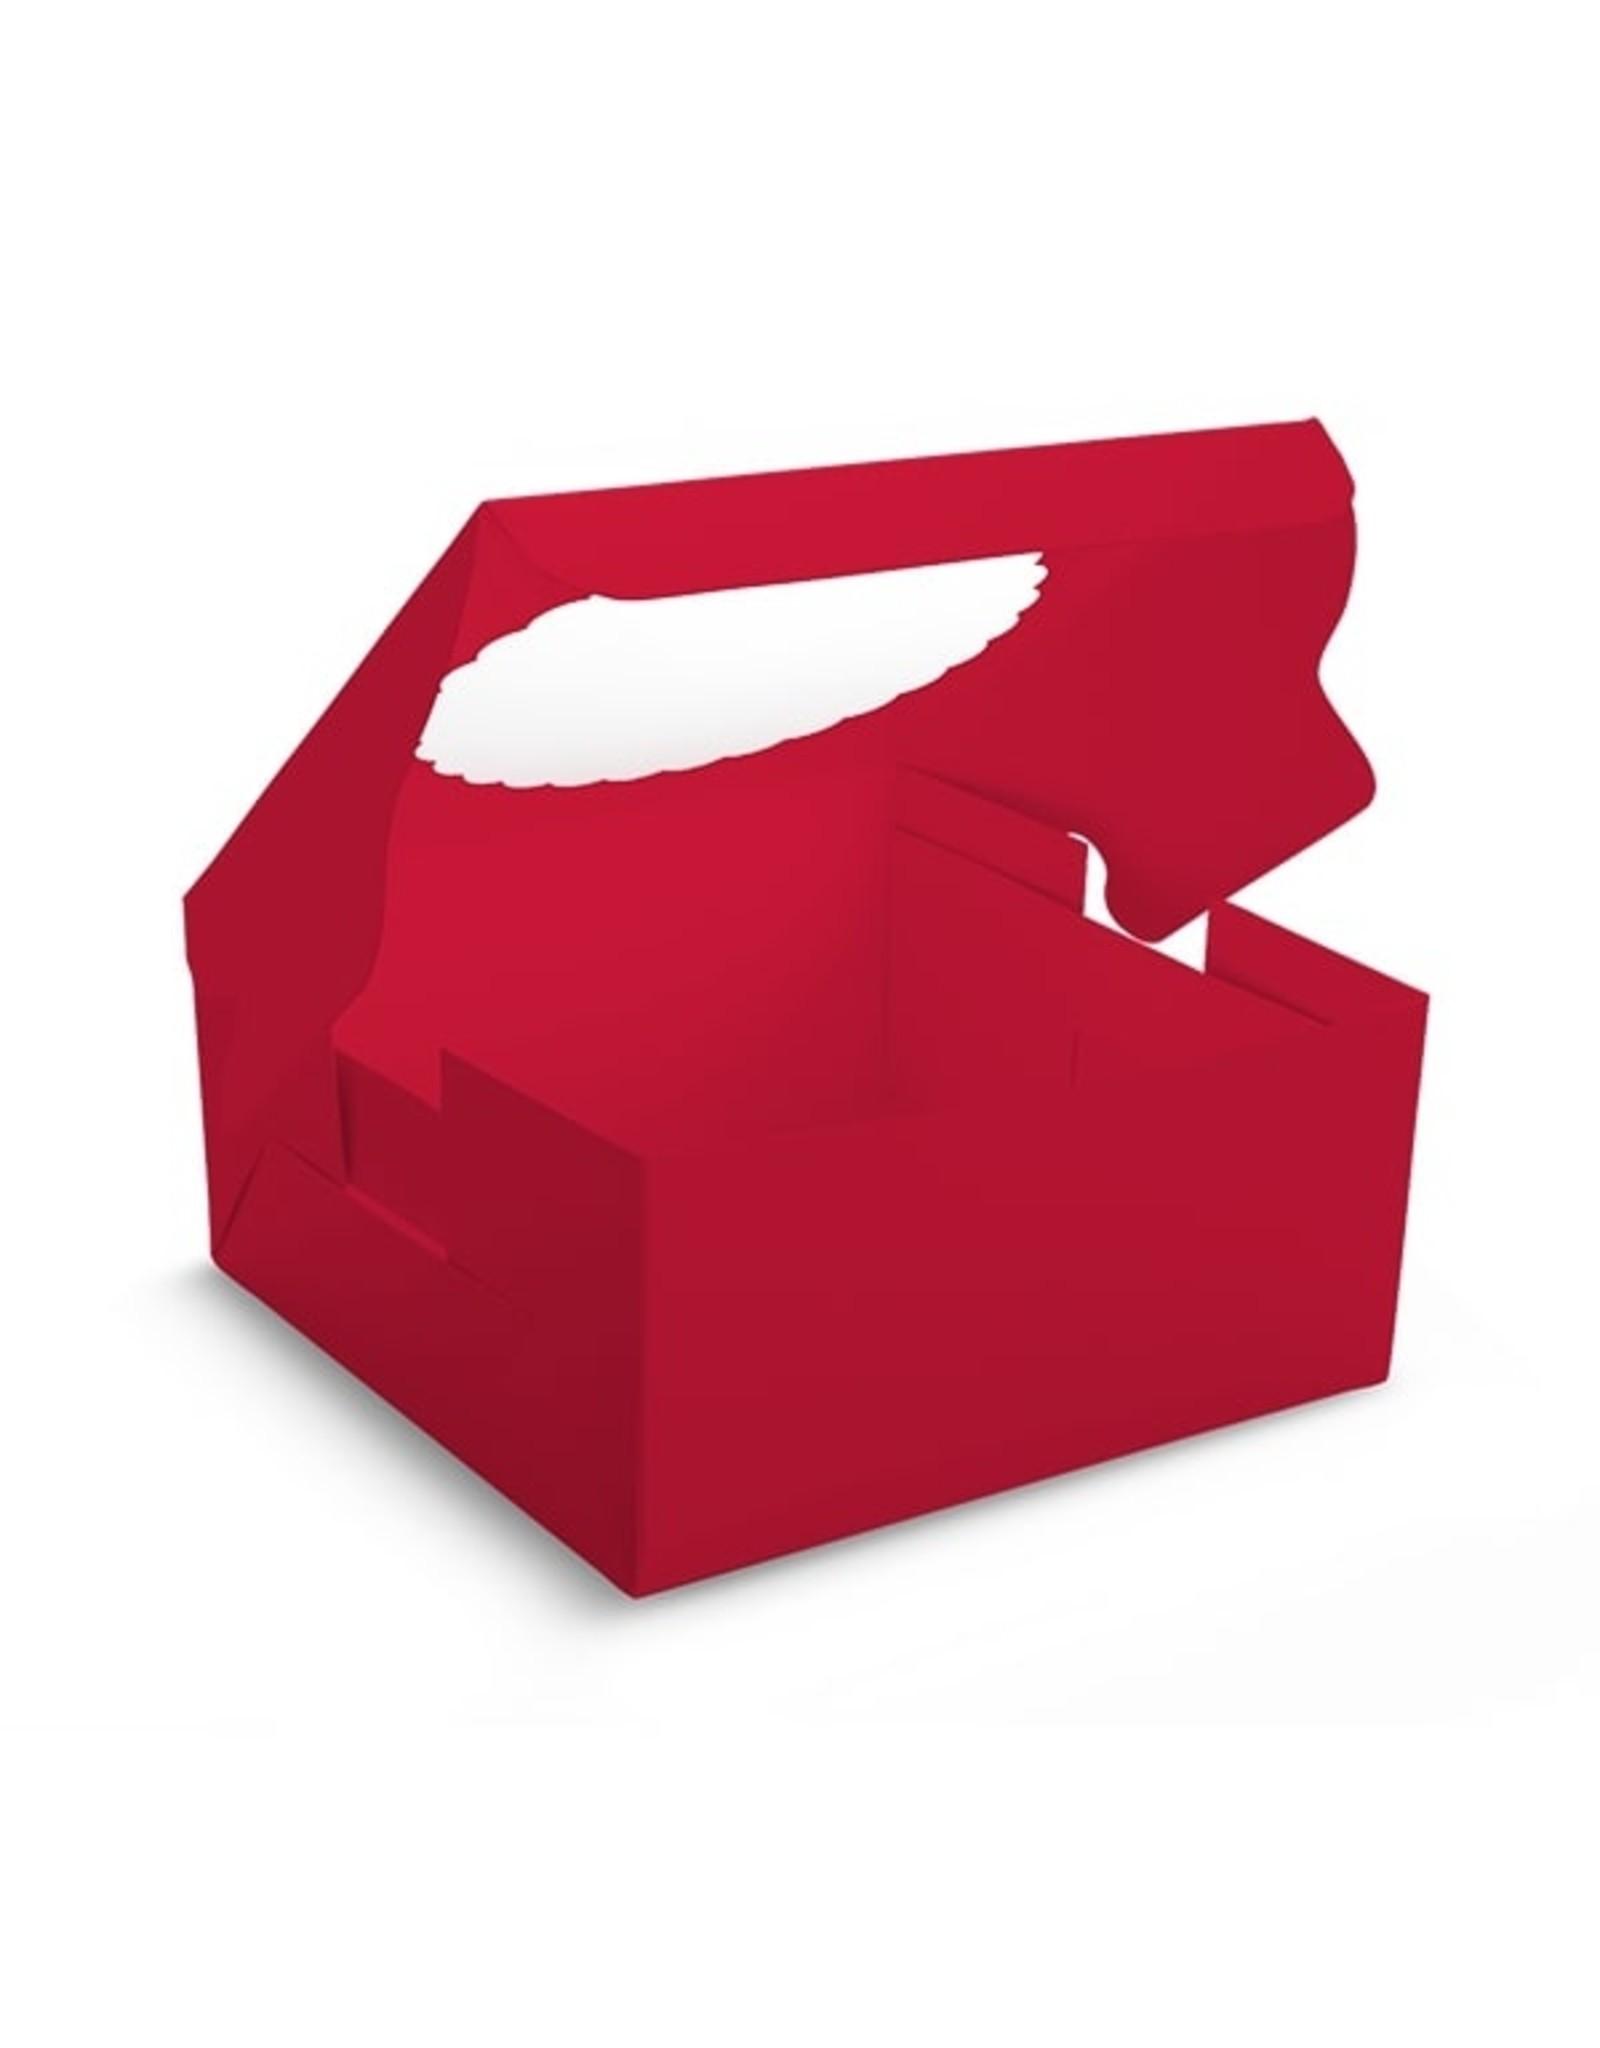 Rode taartdoos met venster - 203 x 203 x 127 mm (per 10 stuks)